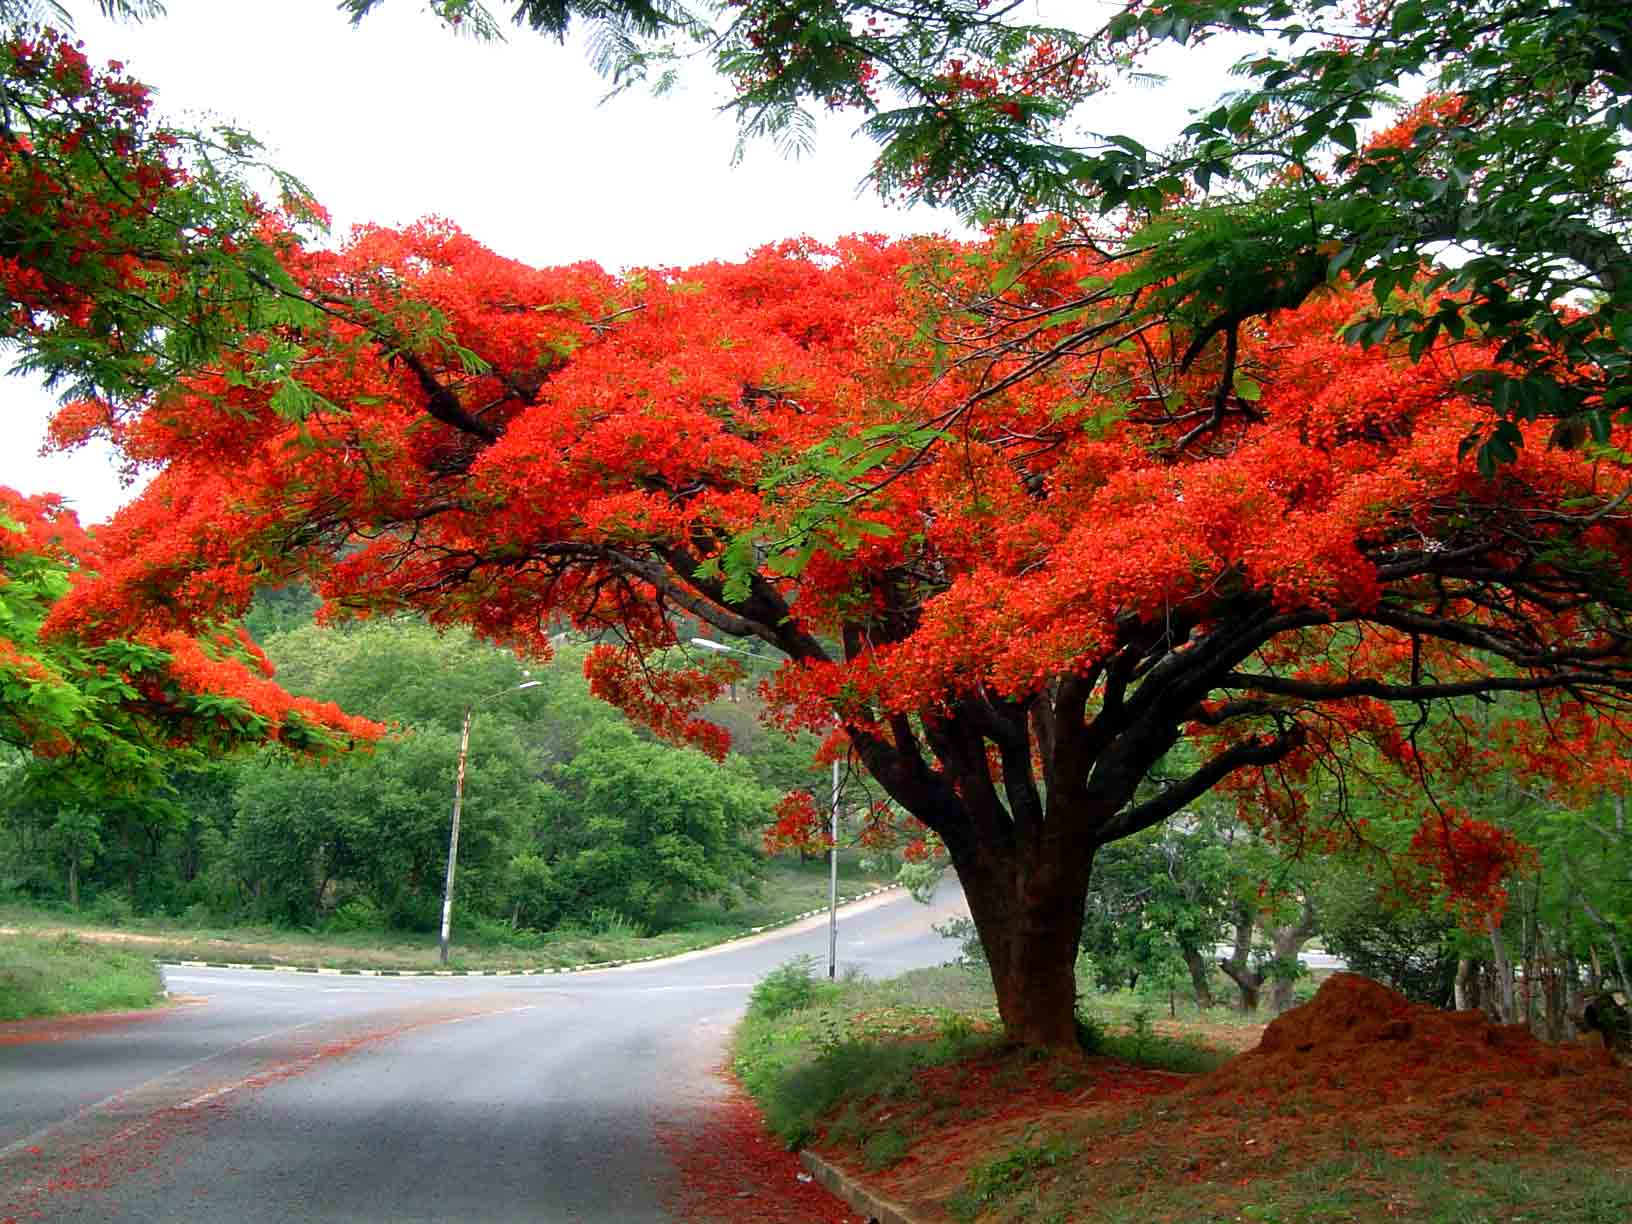 صور شجرة الحمر ارتفاع